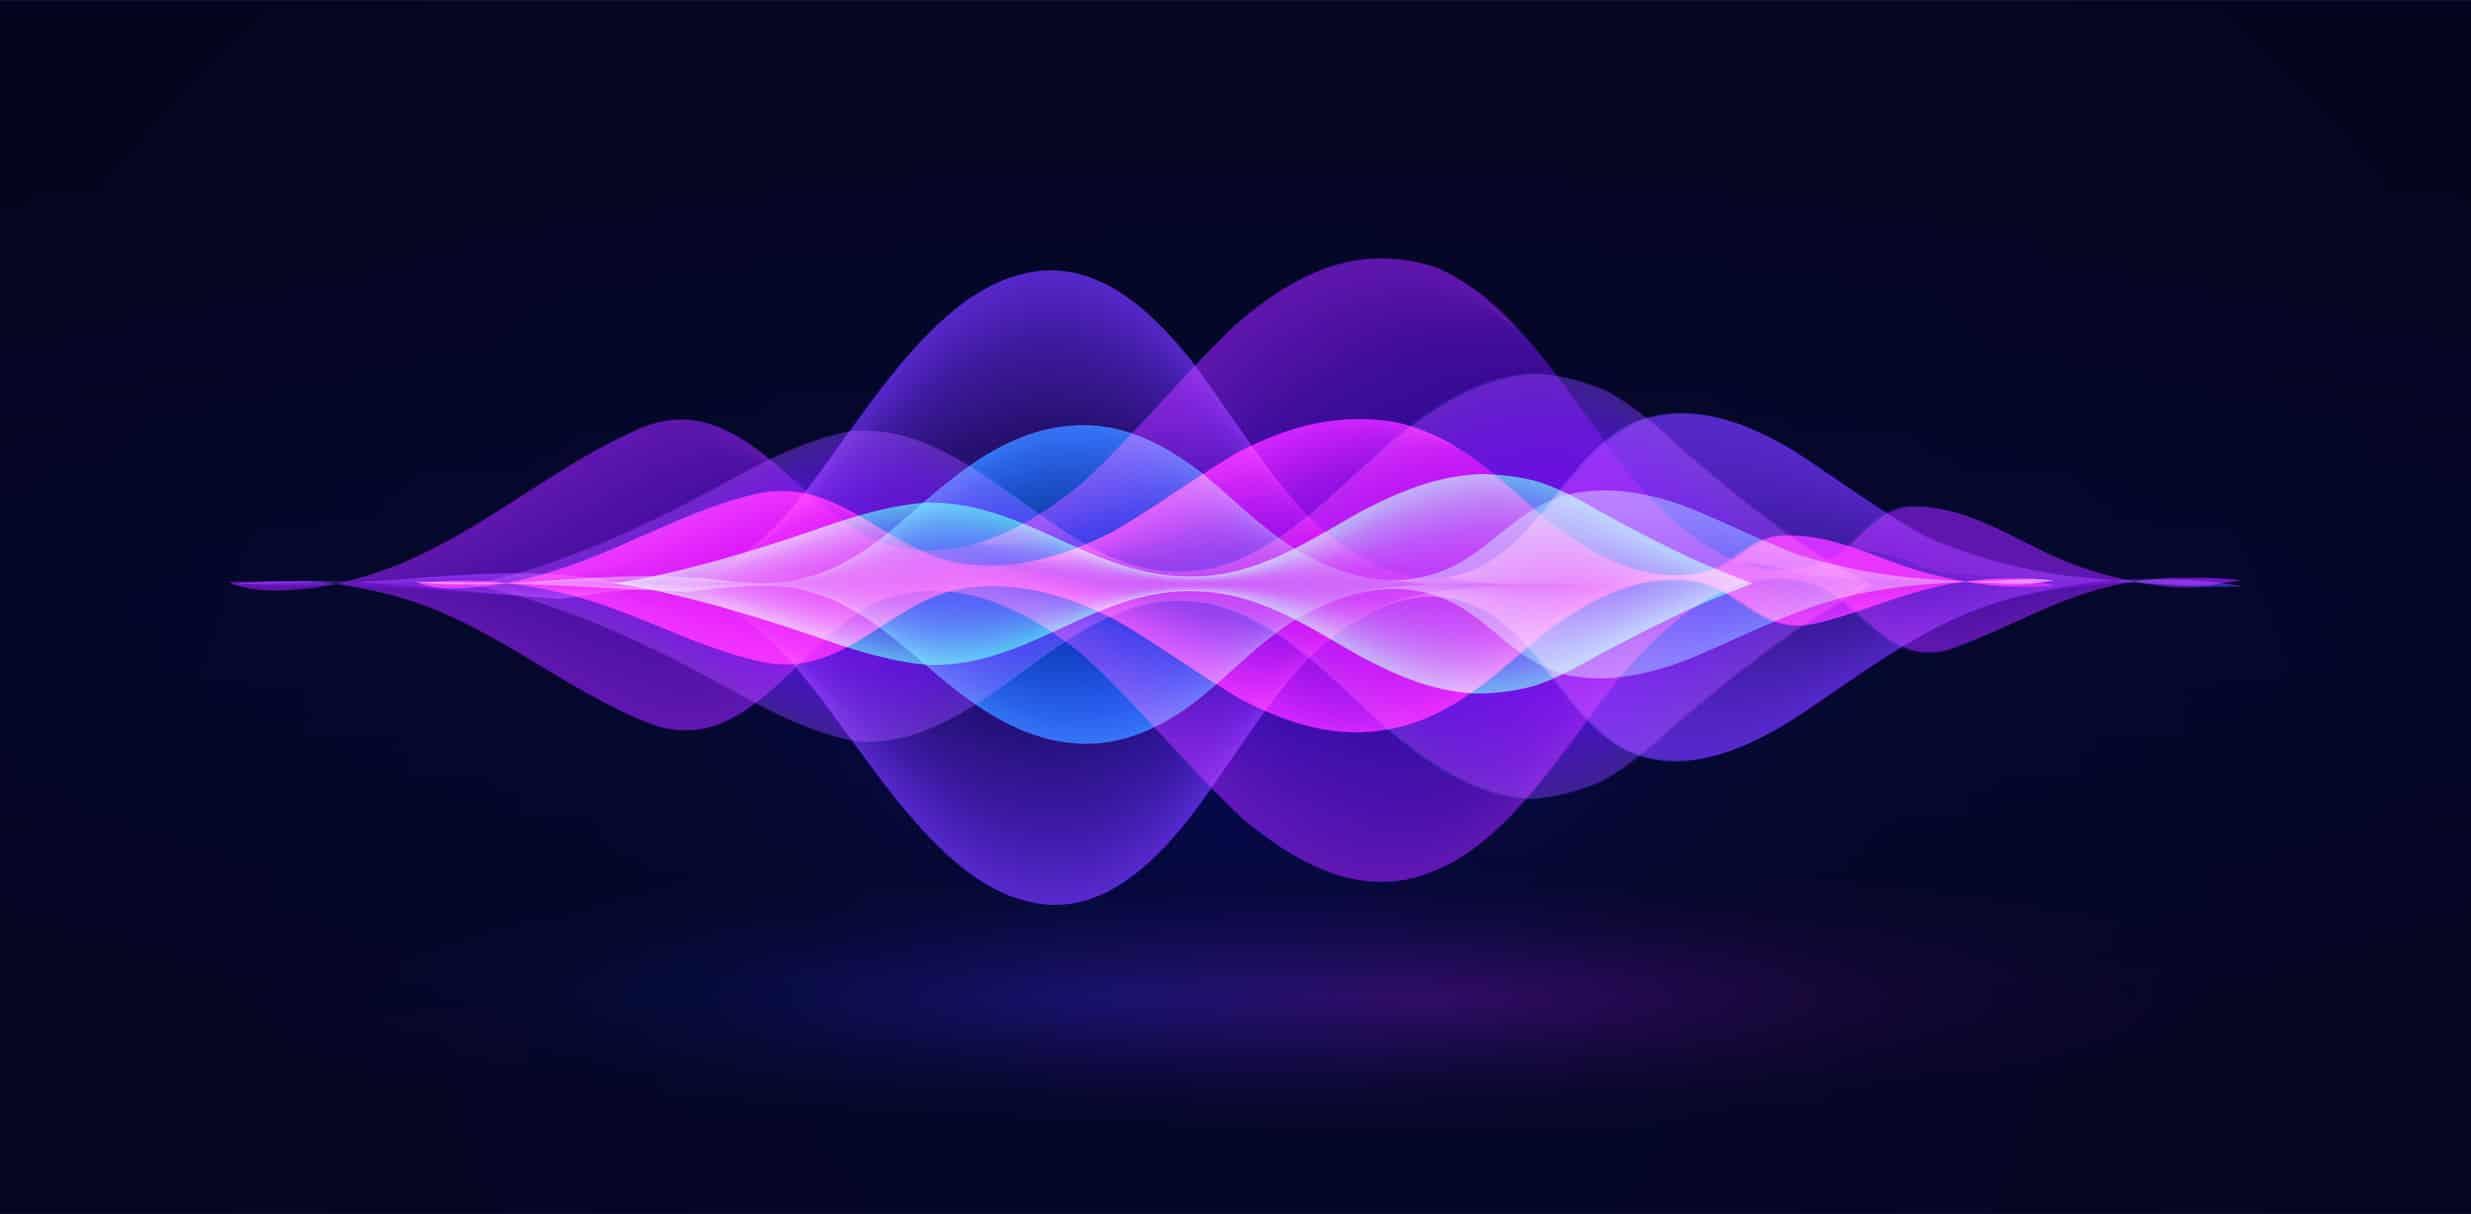 Representação visual de ondas sonoras